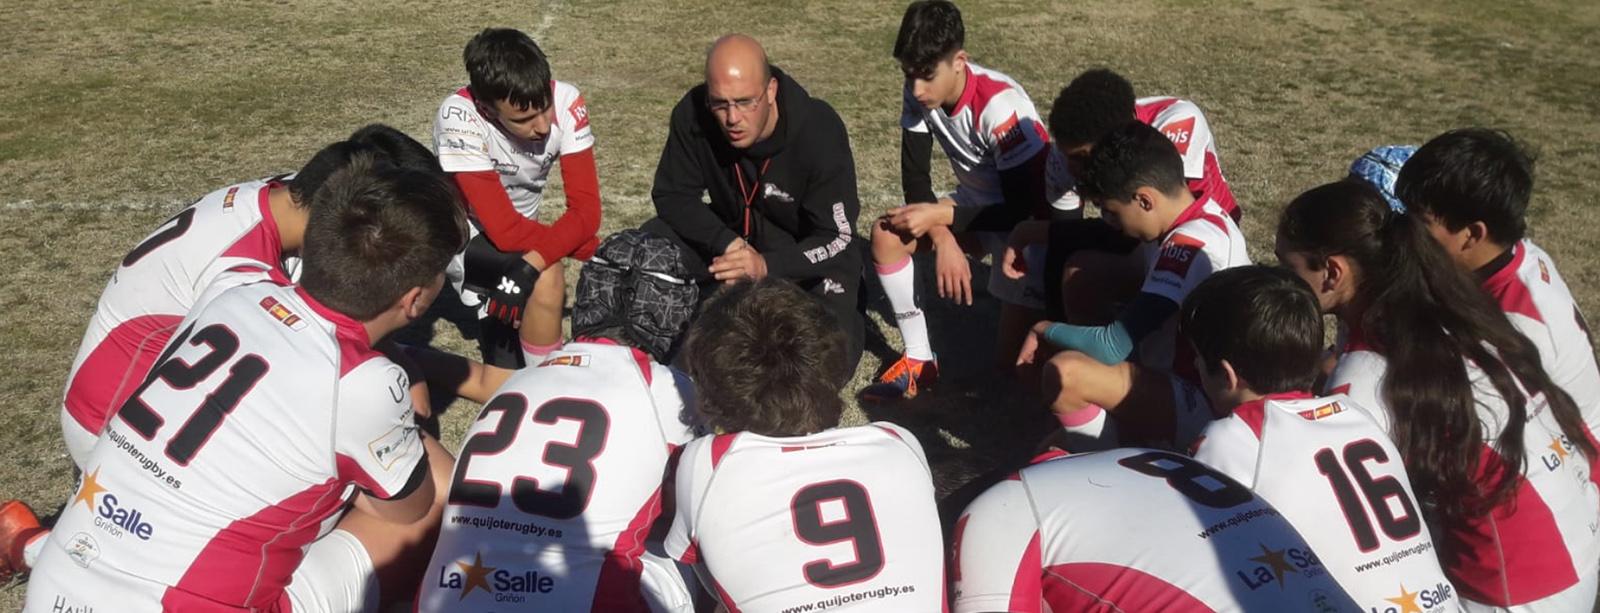 Sábado de sol y rugby para los M12, M14 y M16